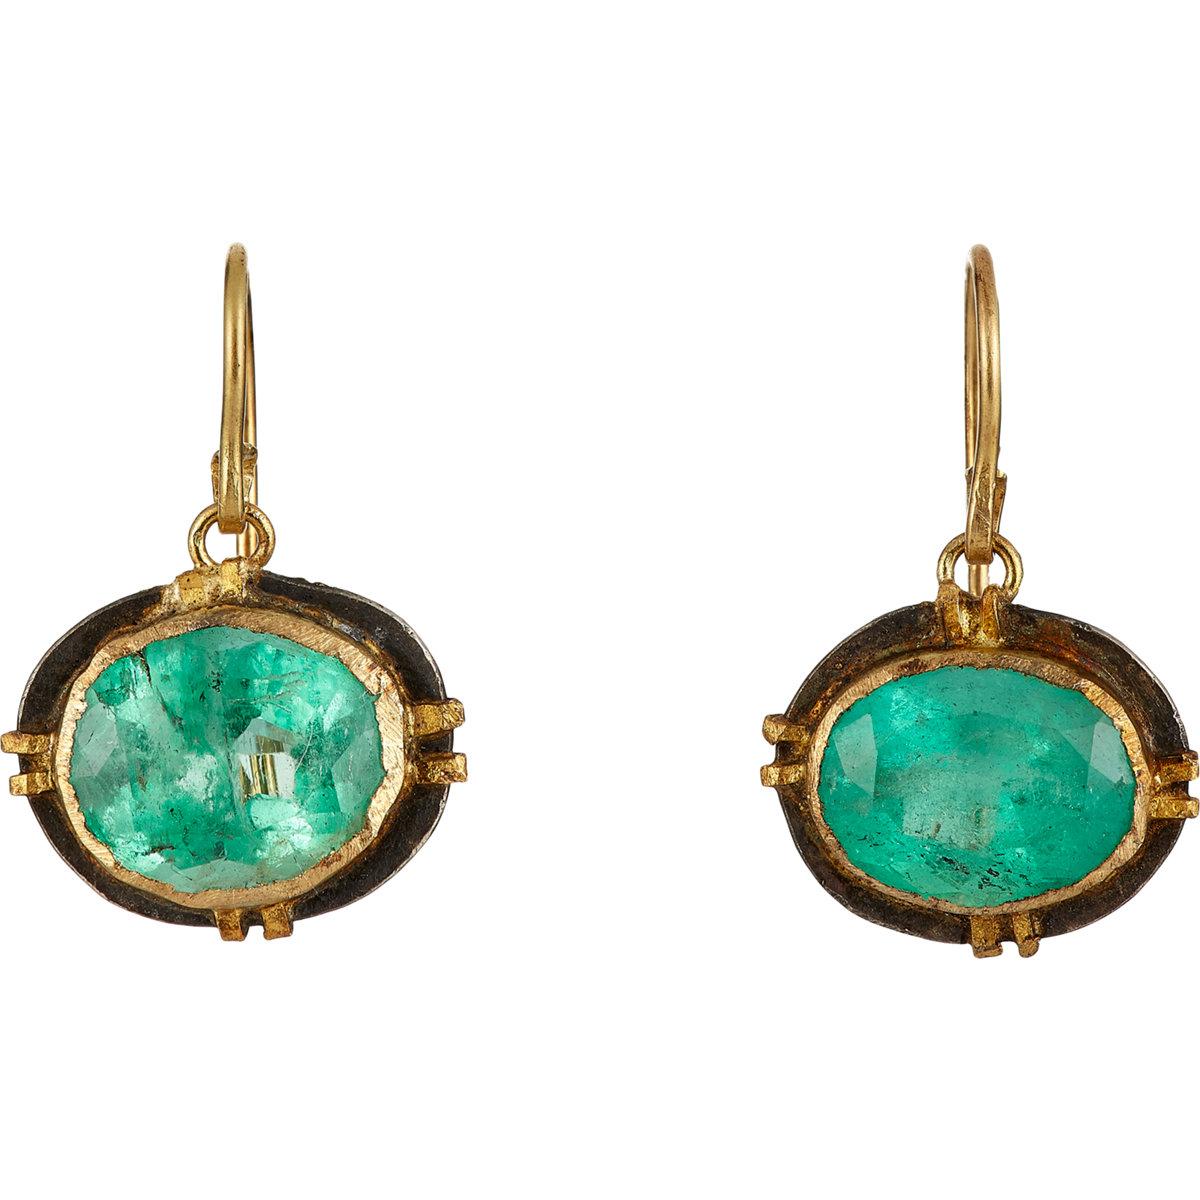 Judy geib Emerald Drop Earrings in Green